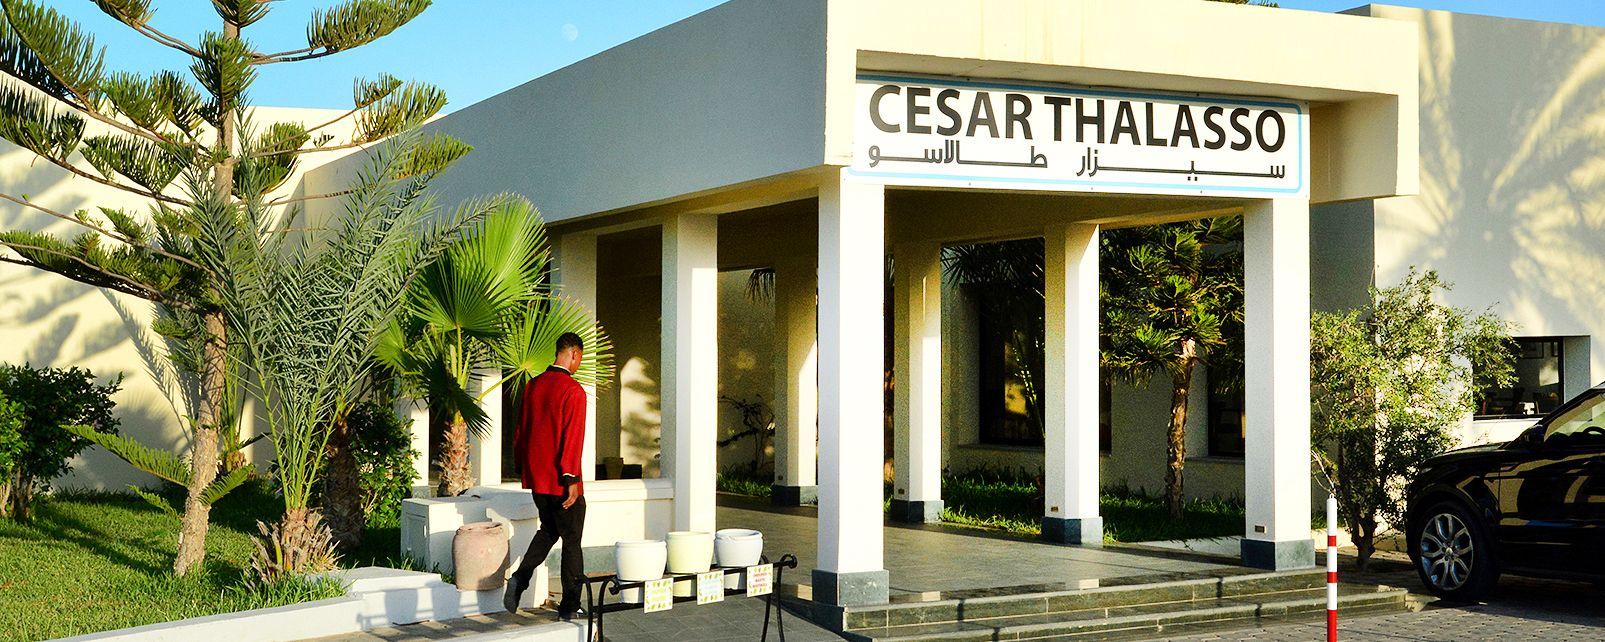 Hôtel Cesar Thalasso